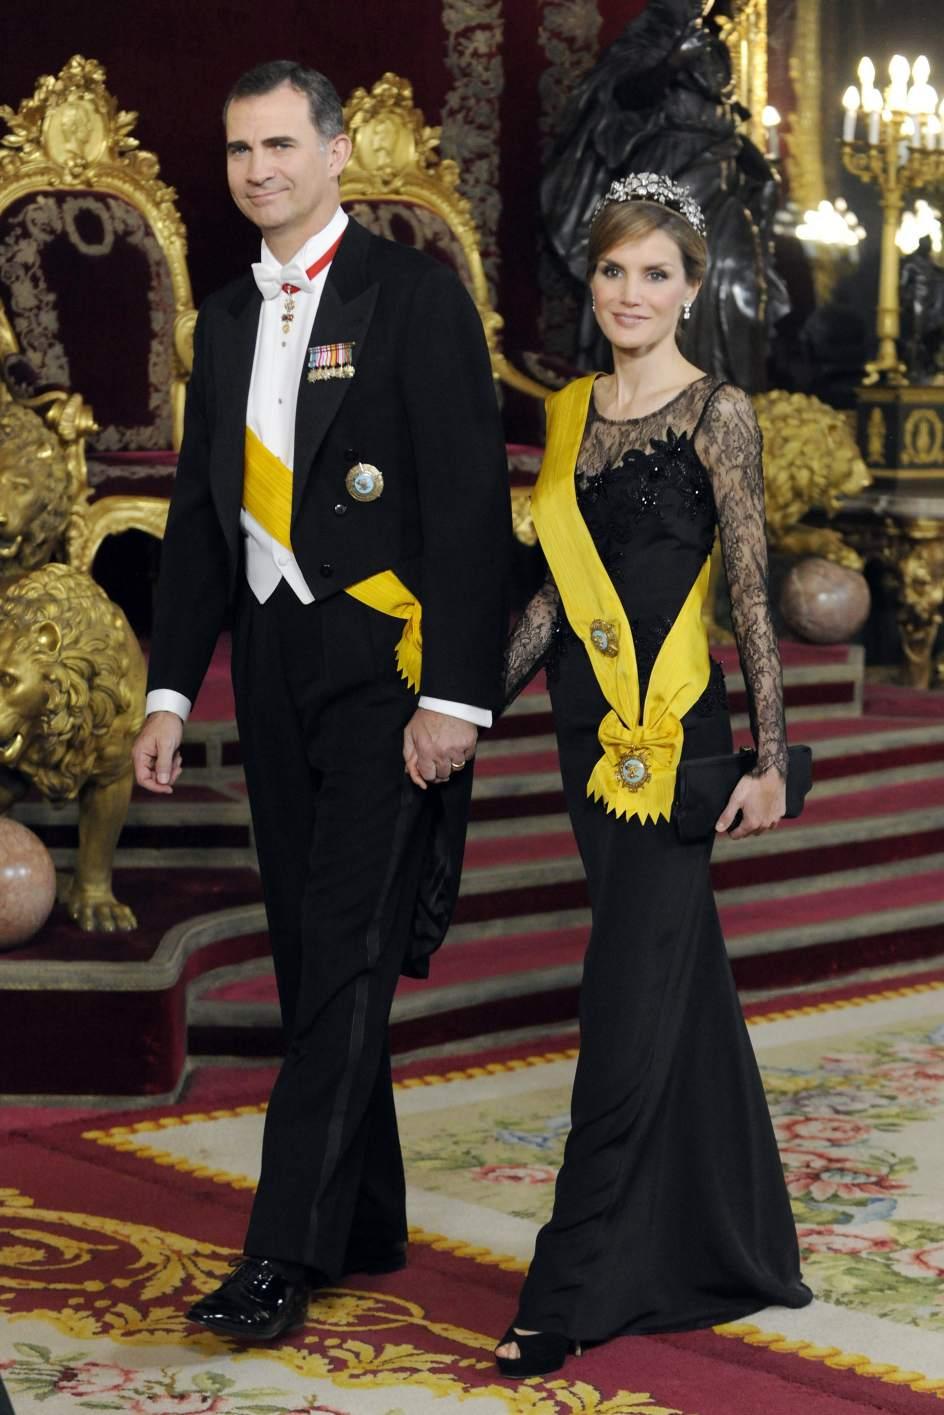 La reforma de la Constitucin la posible baza de Felipe VI para